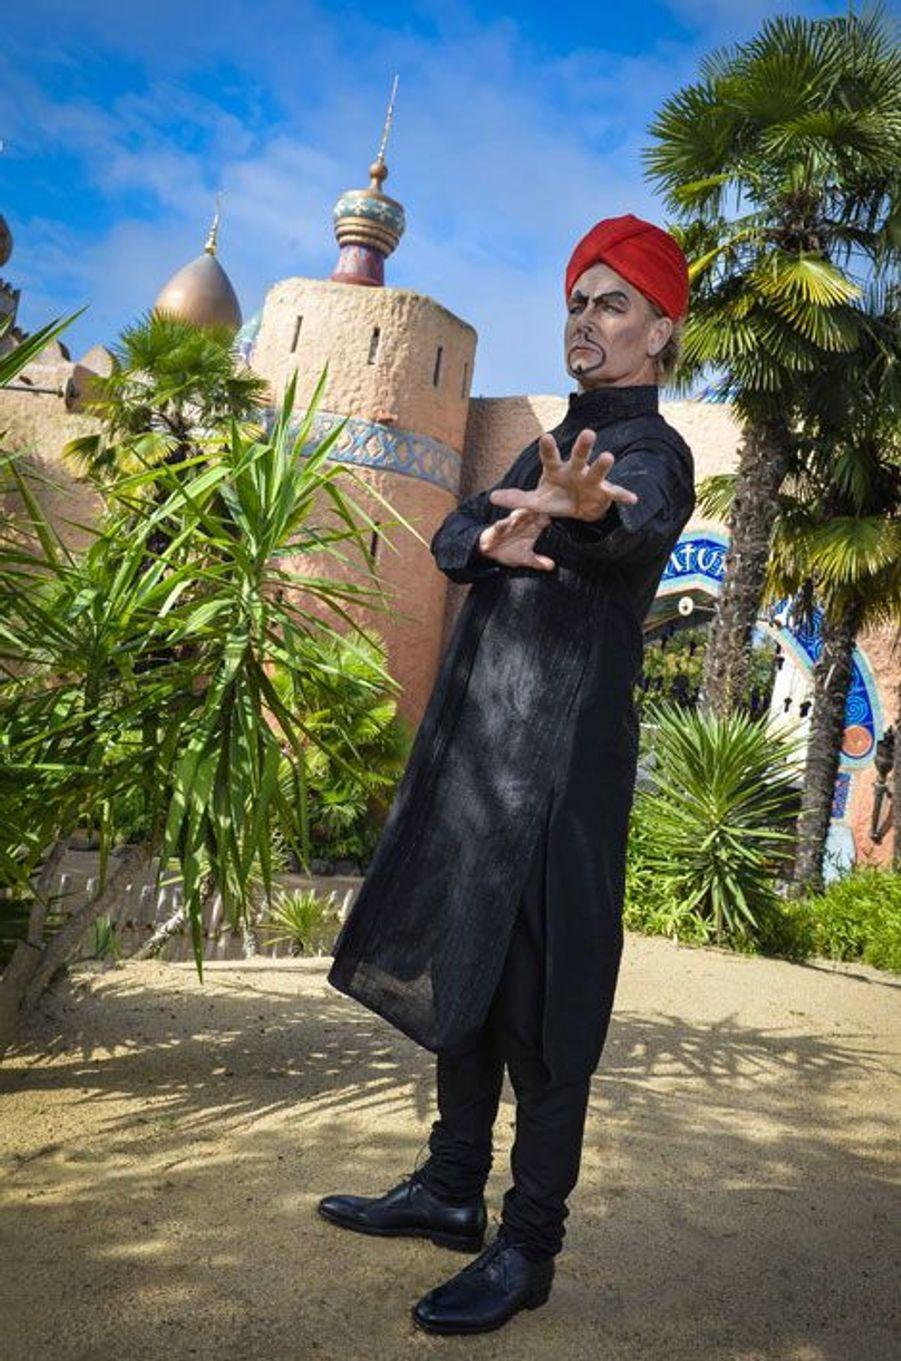 Franck Dubosc devient Jafar le temps d'une journée à Disneyland Paris pour Halloween